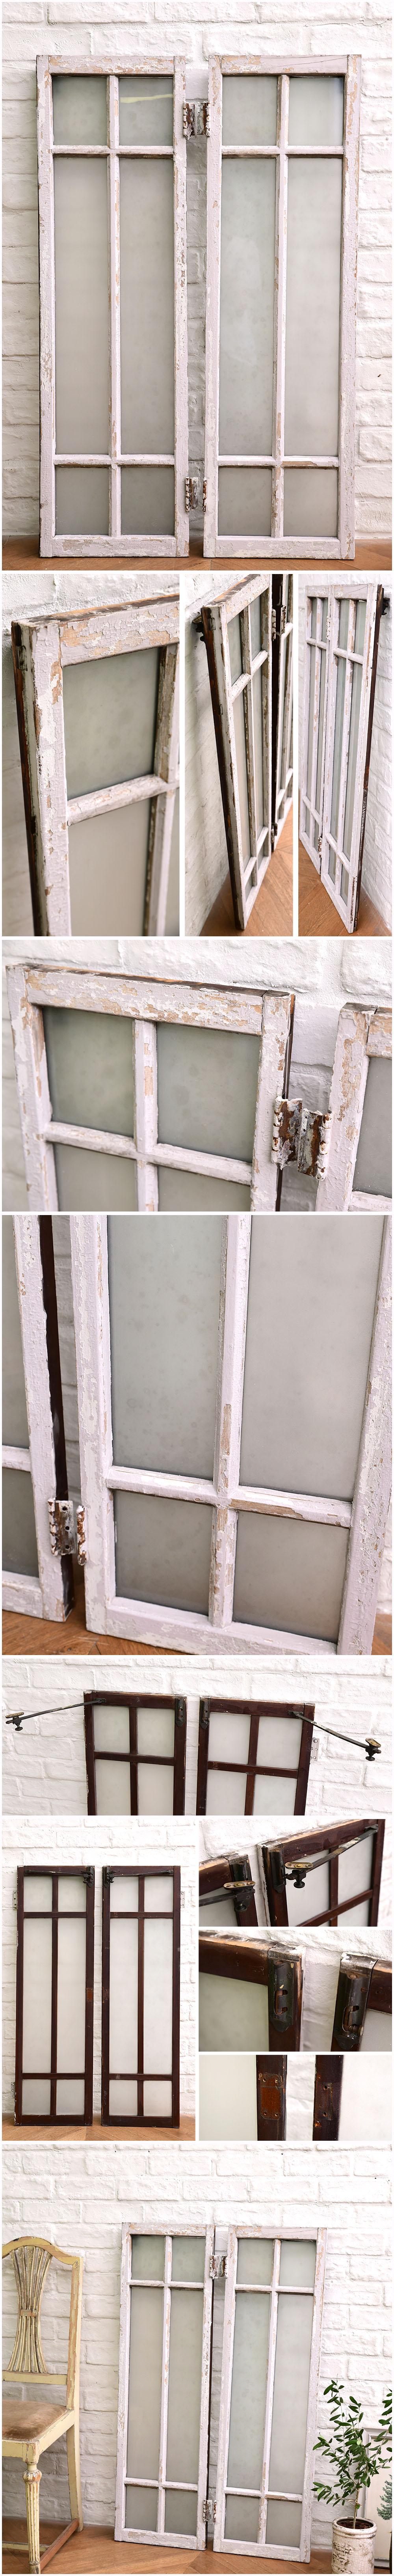 アンティーク 両開き窓